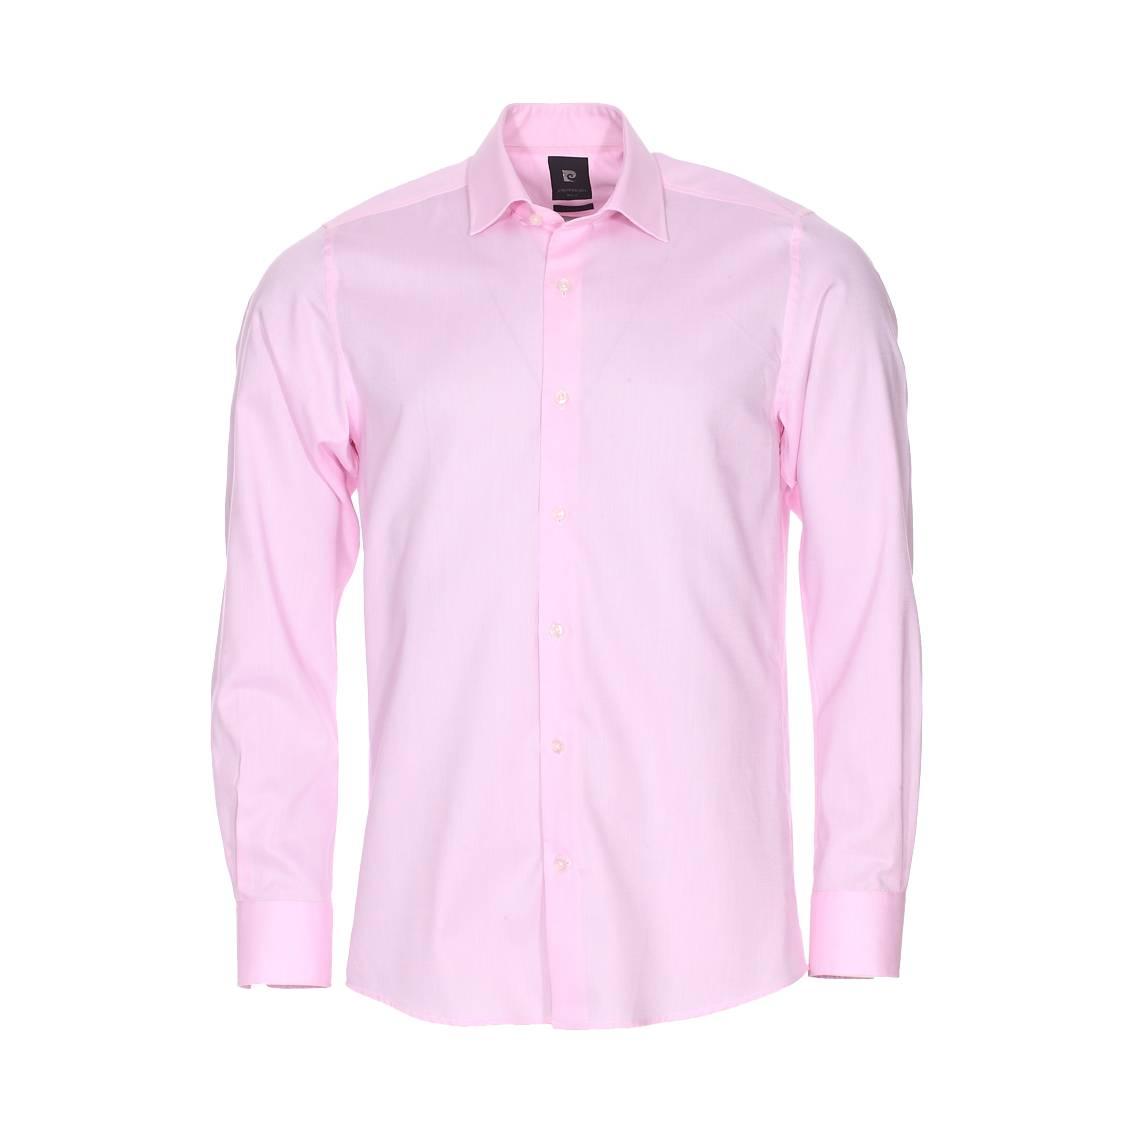 Chemise droite  en popeline de coton rose pâle